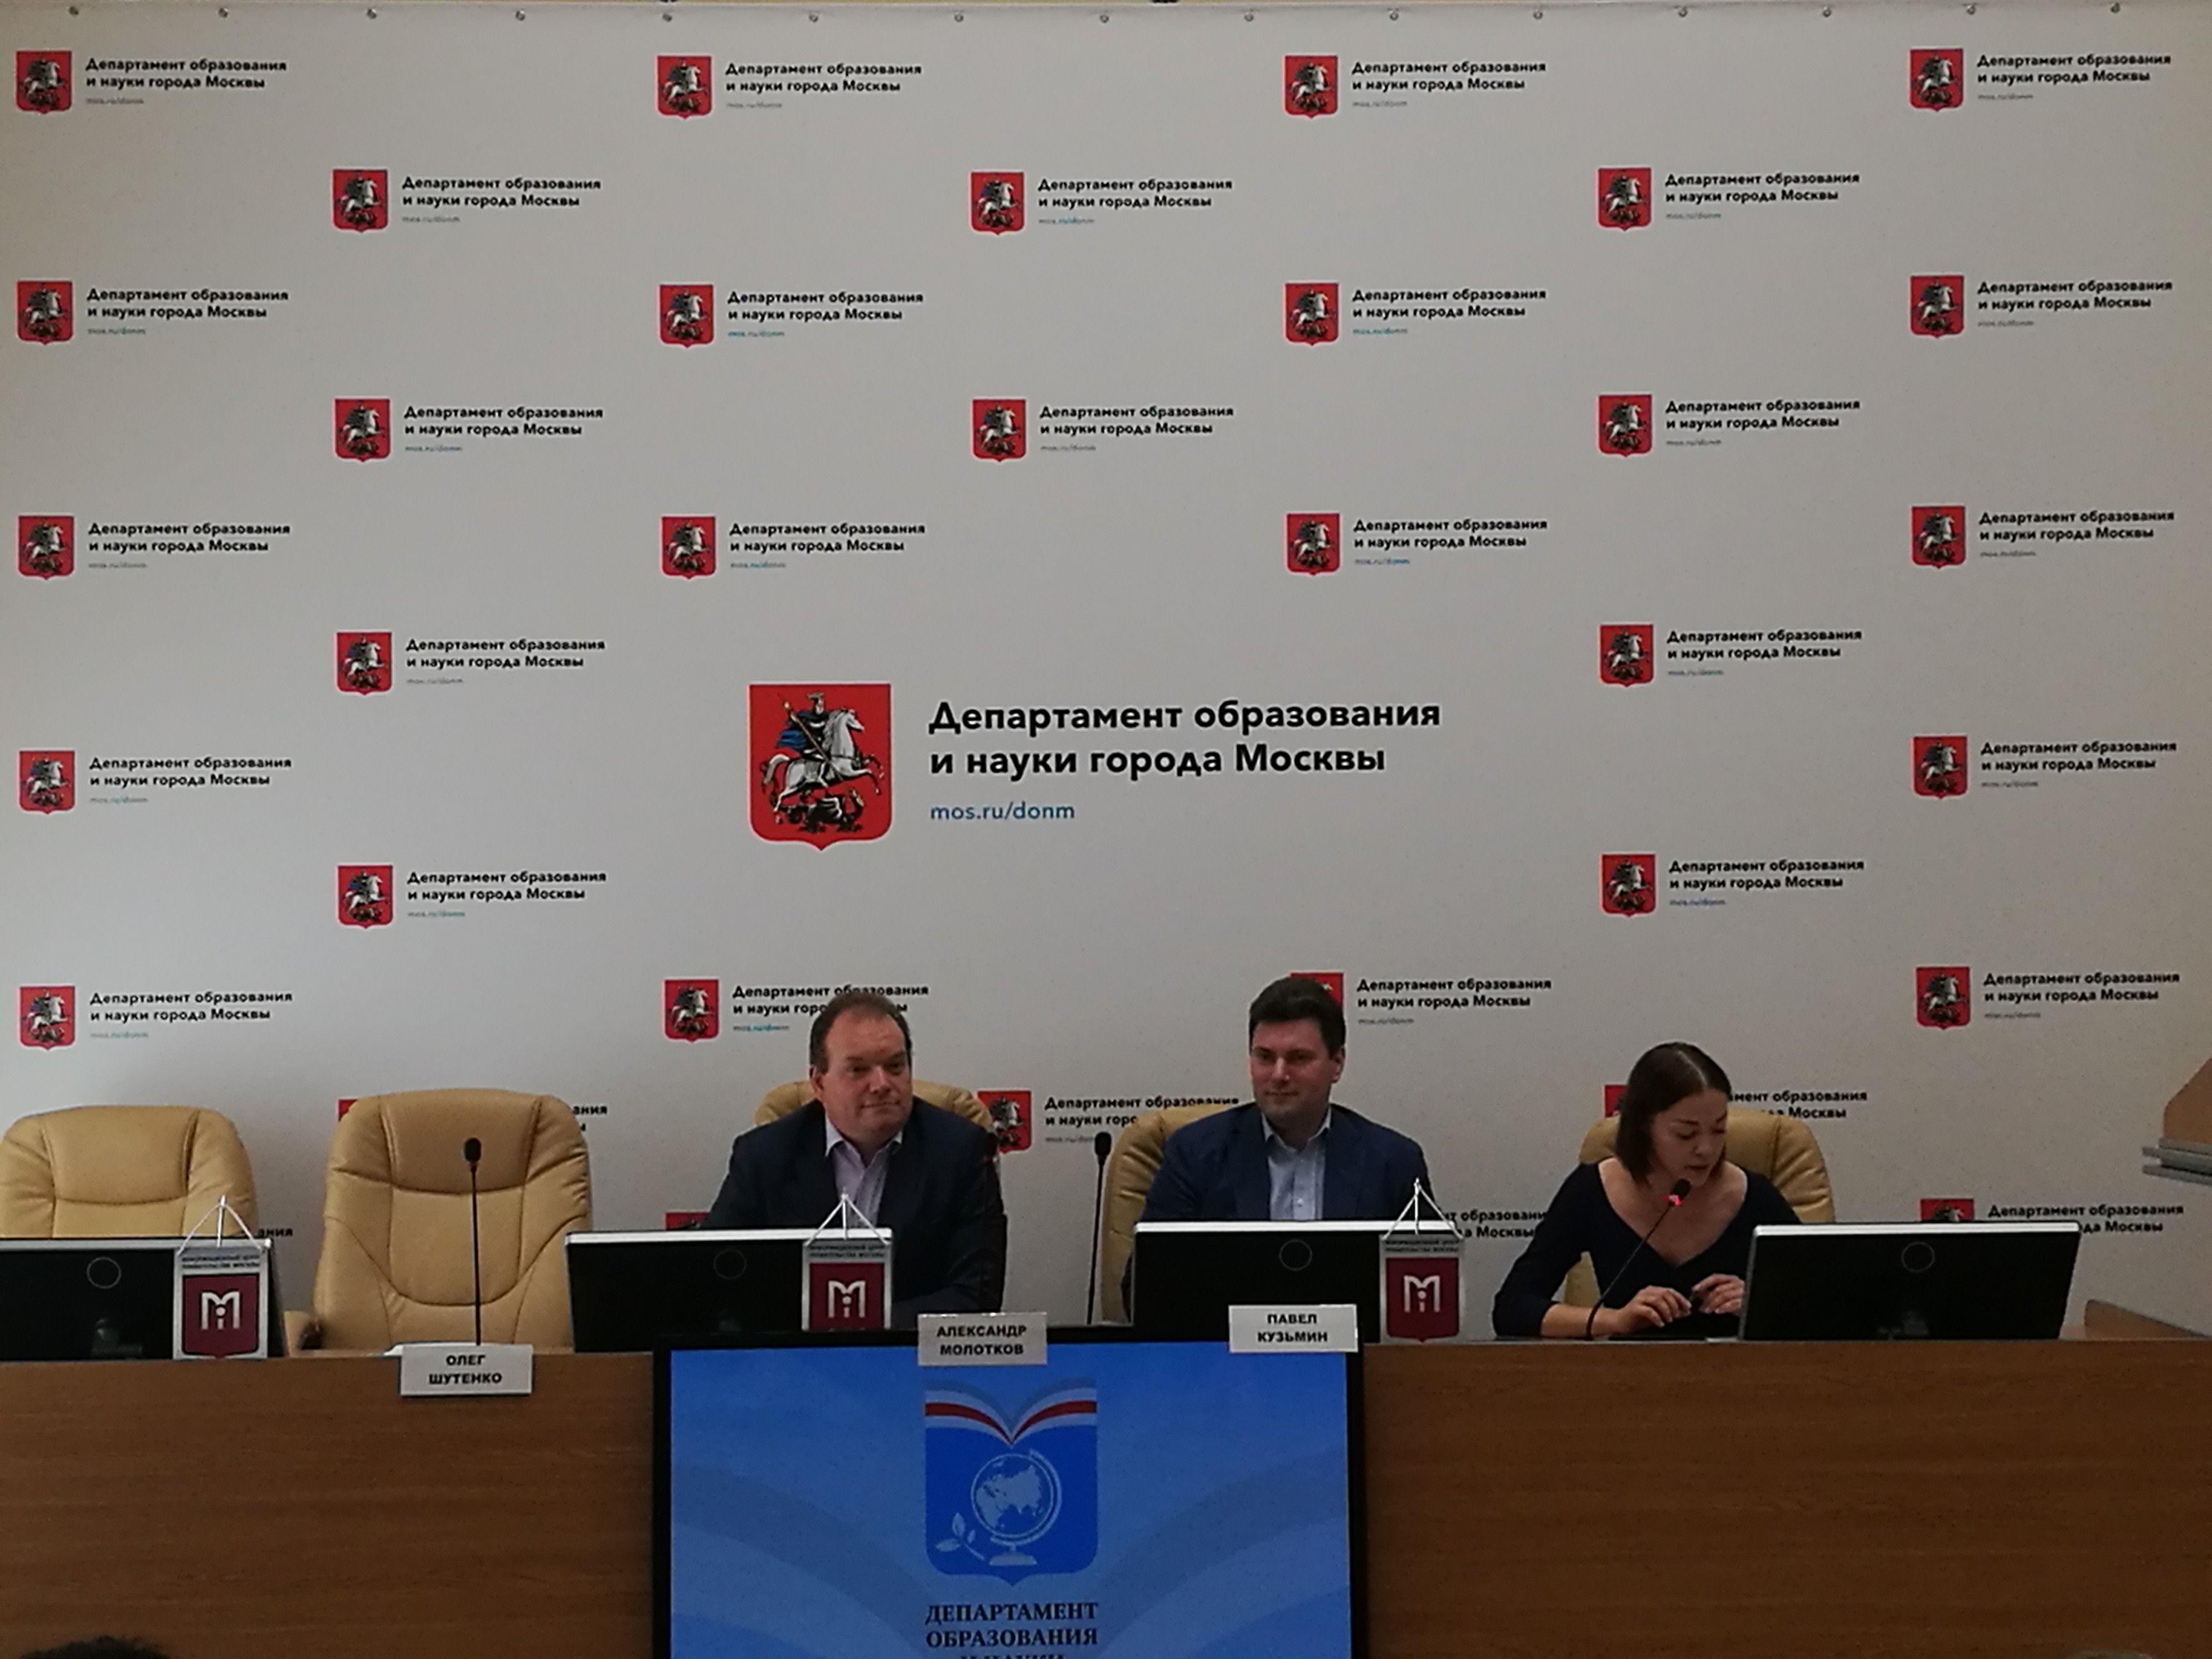 Форум «Город образования» проведут в Москве